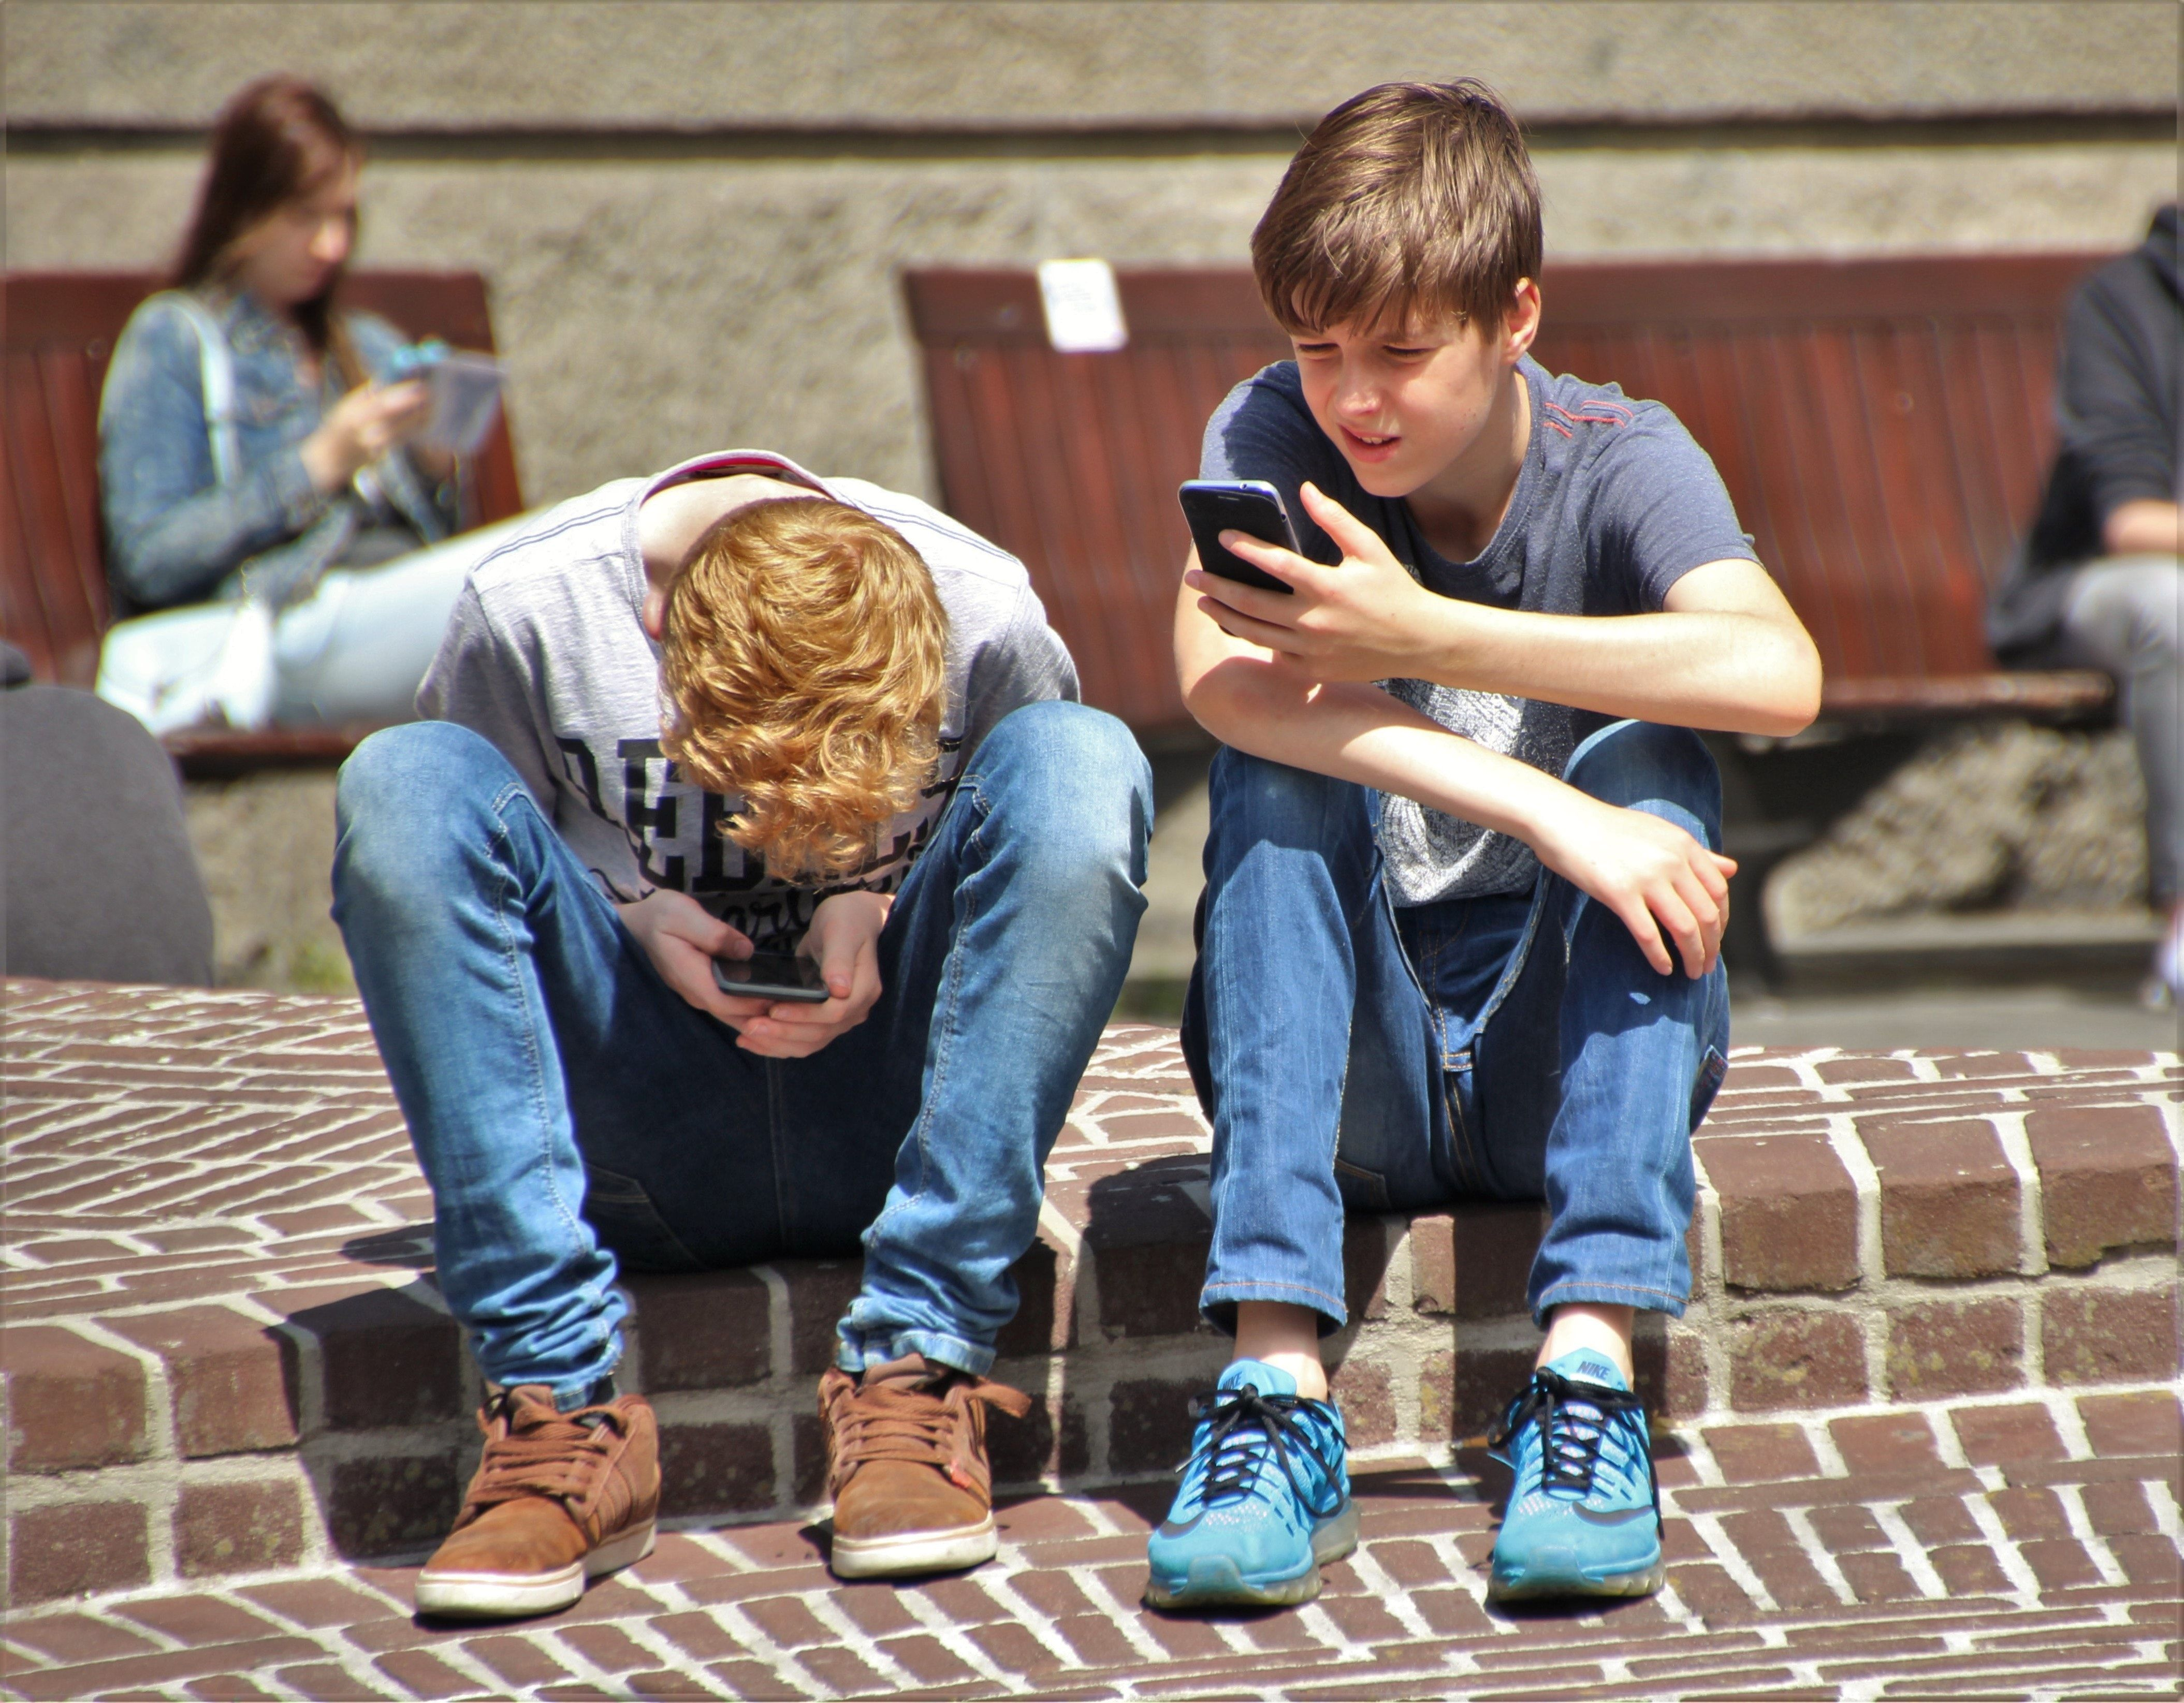 Du paaugliai žiūri į telefonus